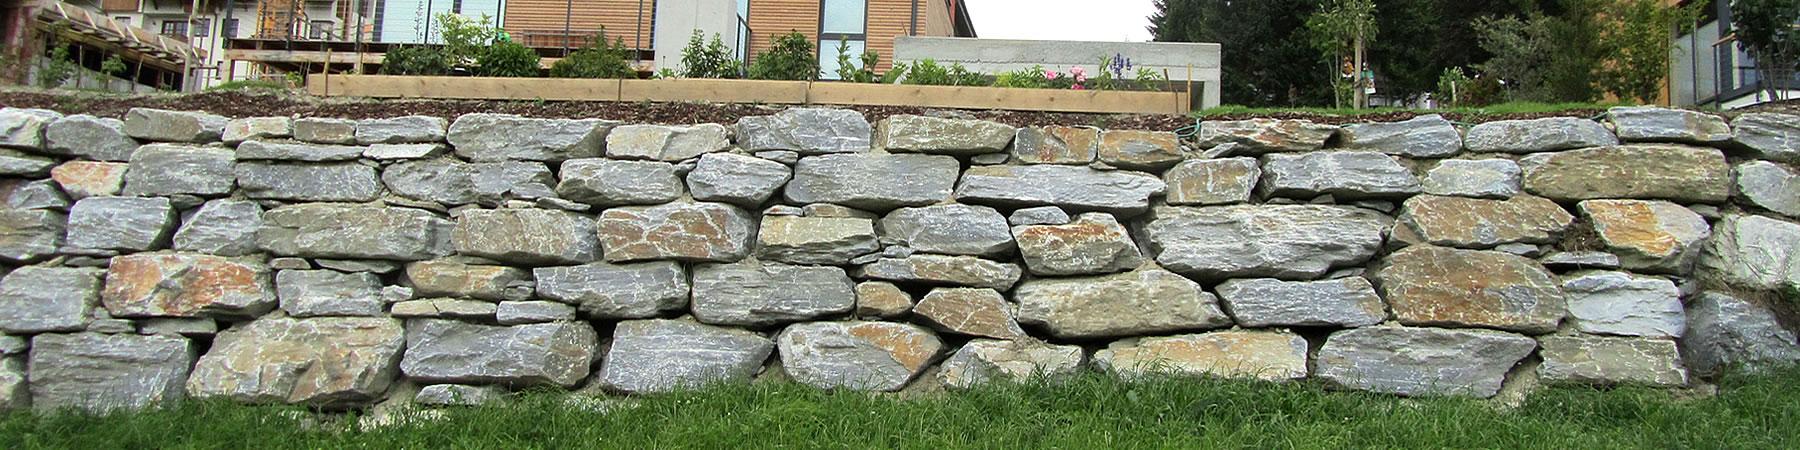 preise gartengestaltung und aussenanlagen natursteinmauern lungau. Black Bedroom Furniture Sets. Home Design Ideas